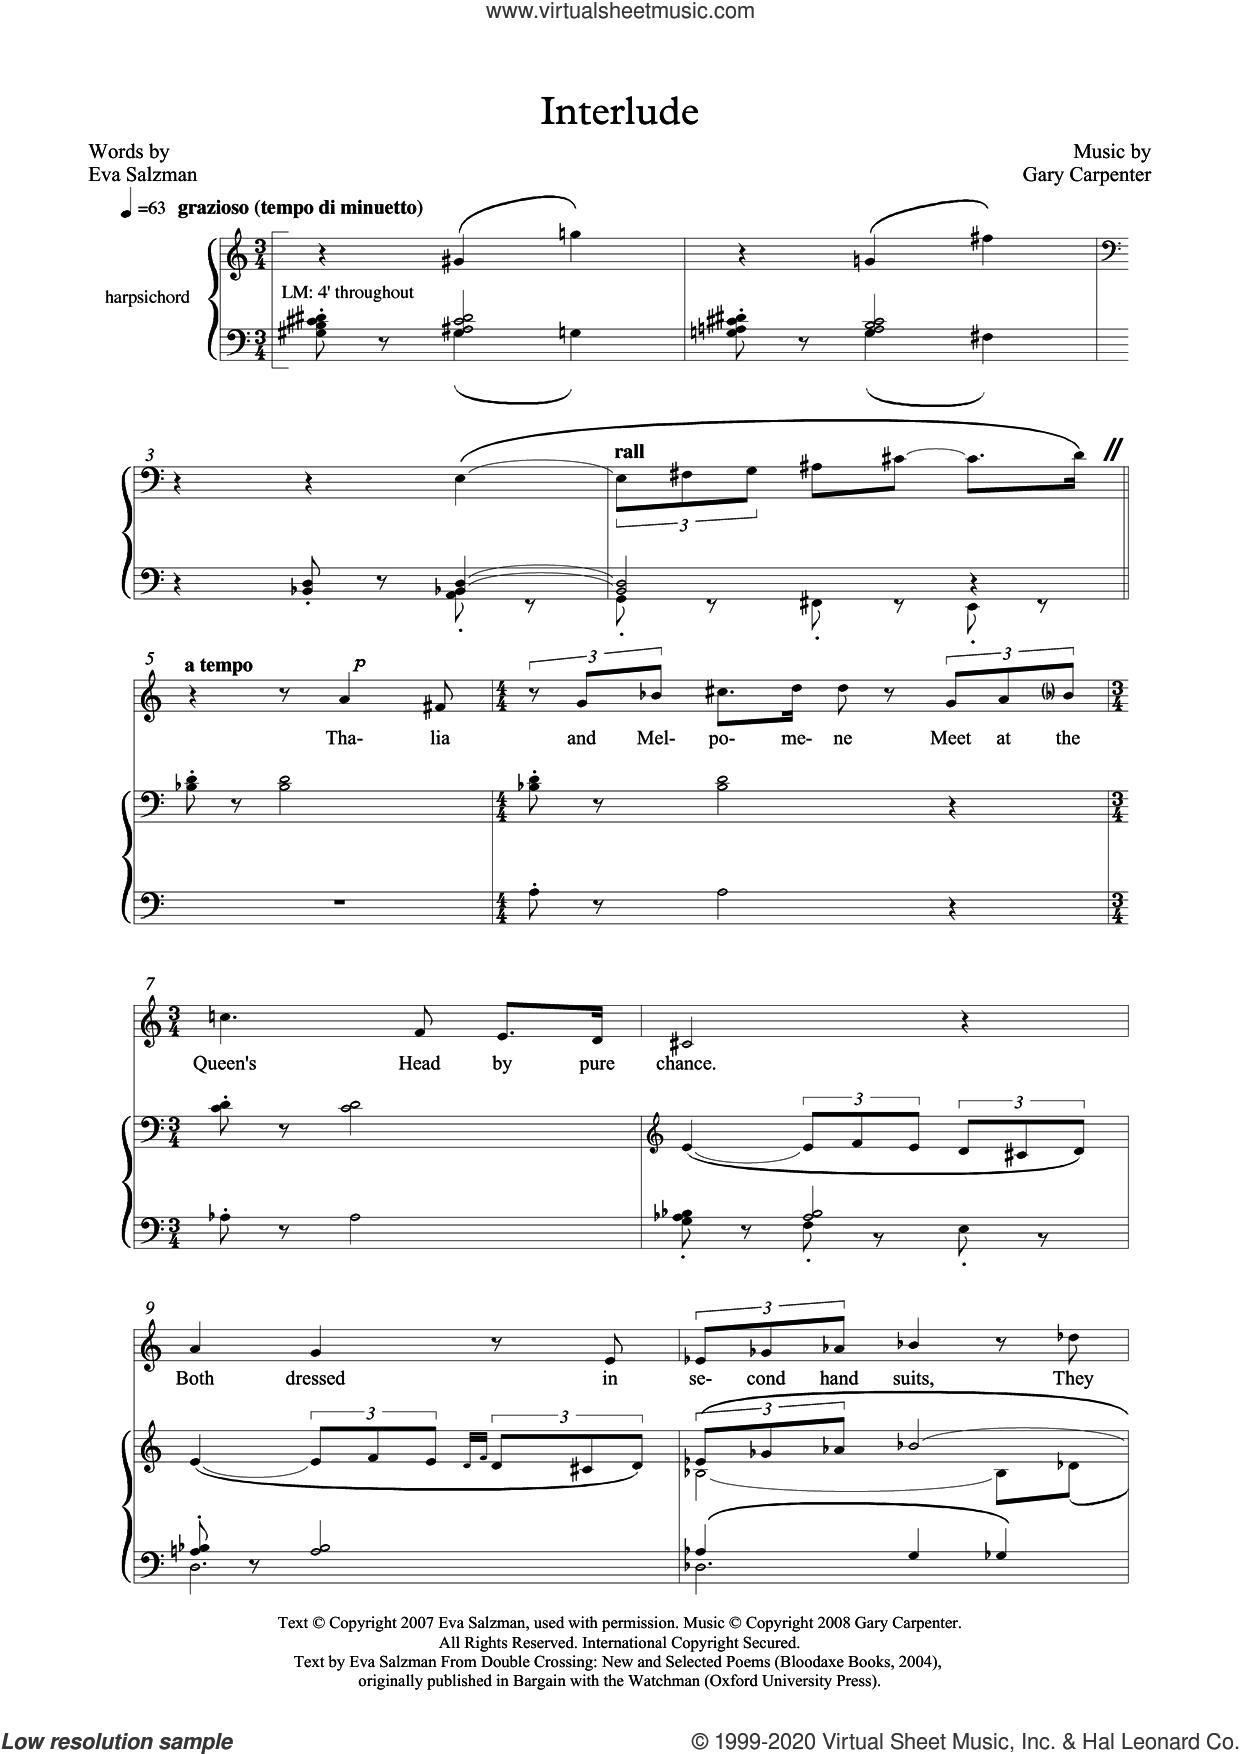 Interlude (for mezzo-soprano and harpsichord) sheet music for voice and piano by Gary Carpenter and Eva Salzman, classical score, intermediate skill level